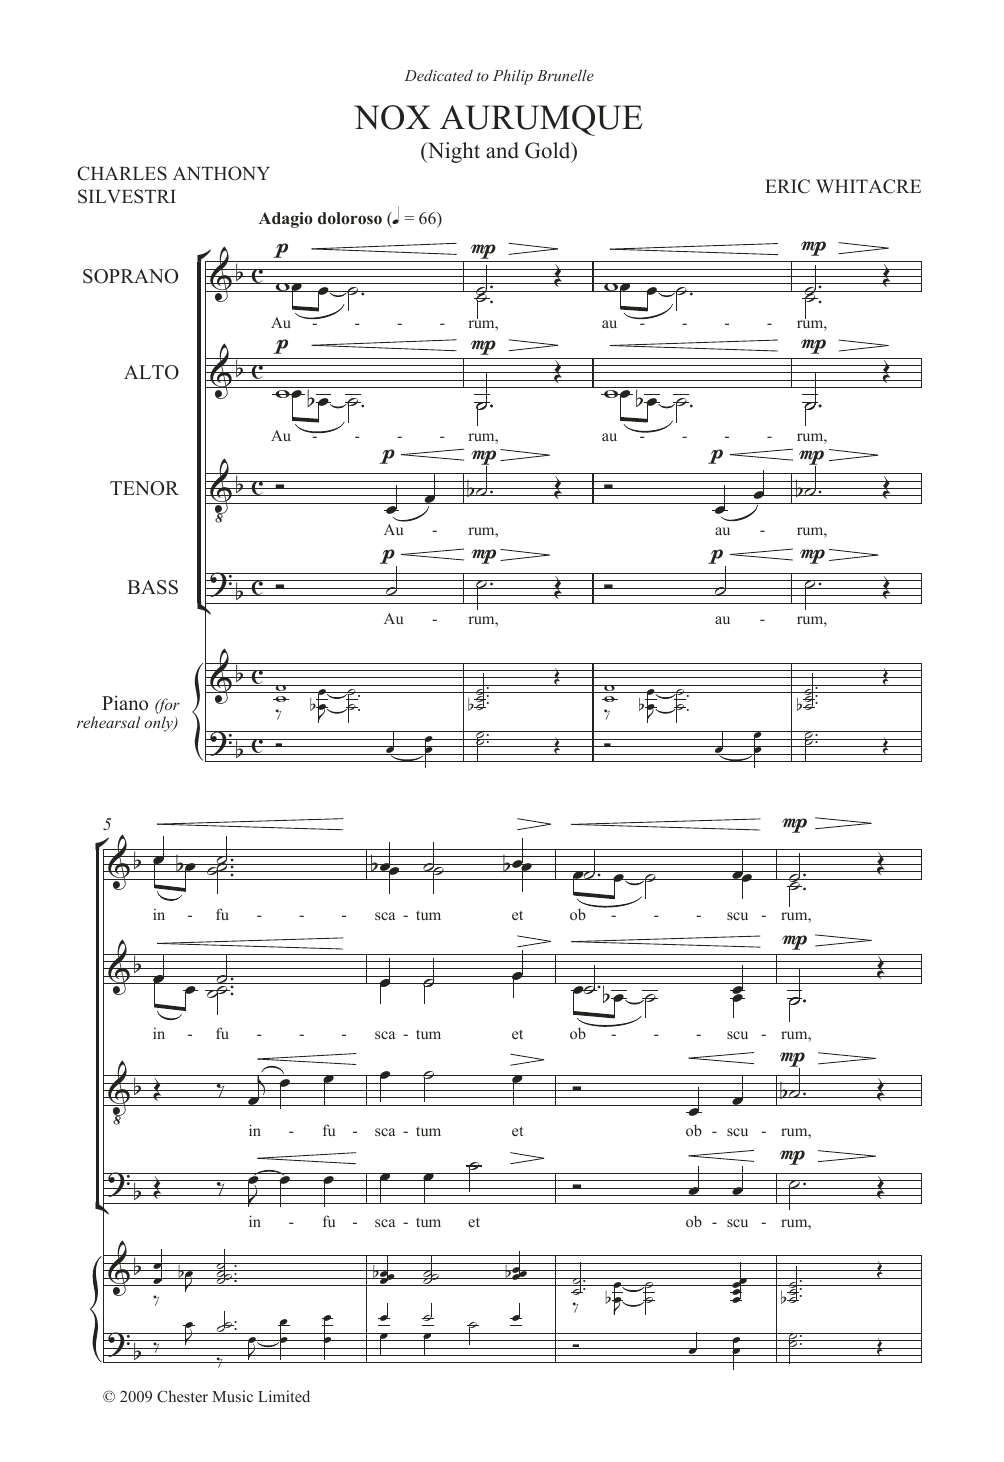 Eric Whitacre - Nox Aurumque